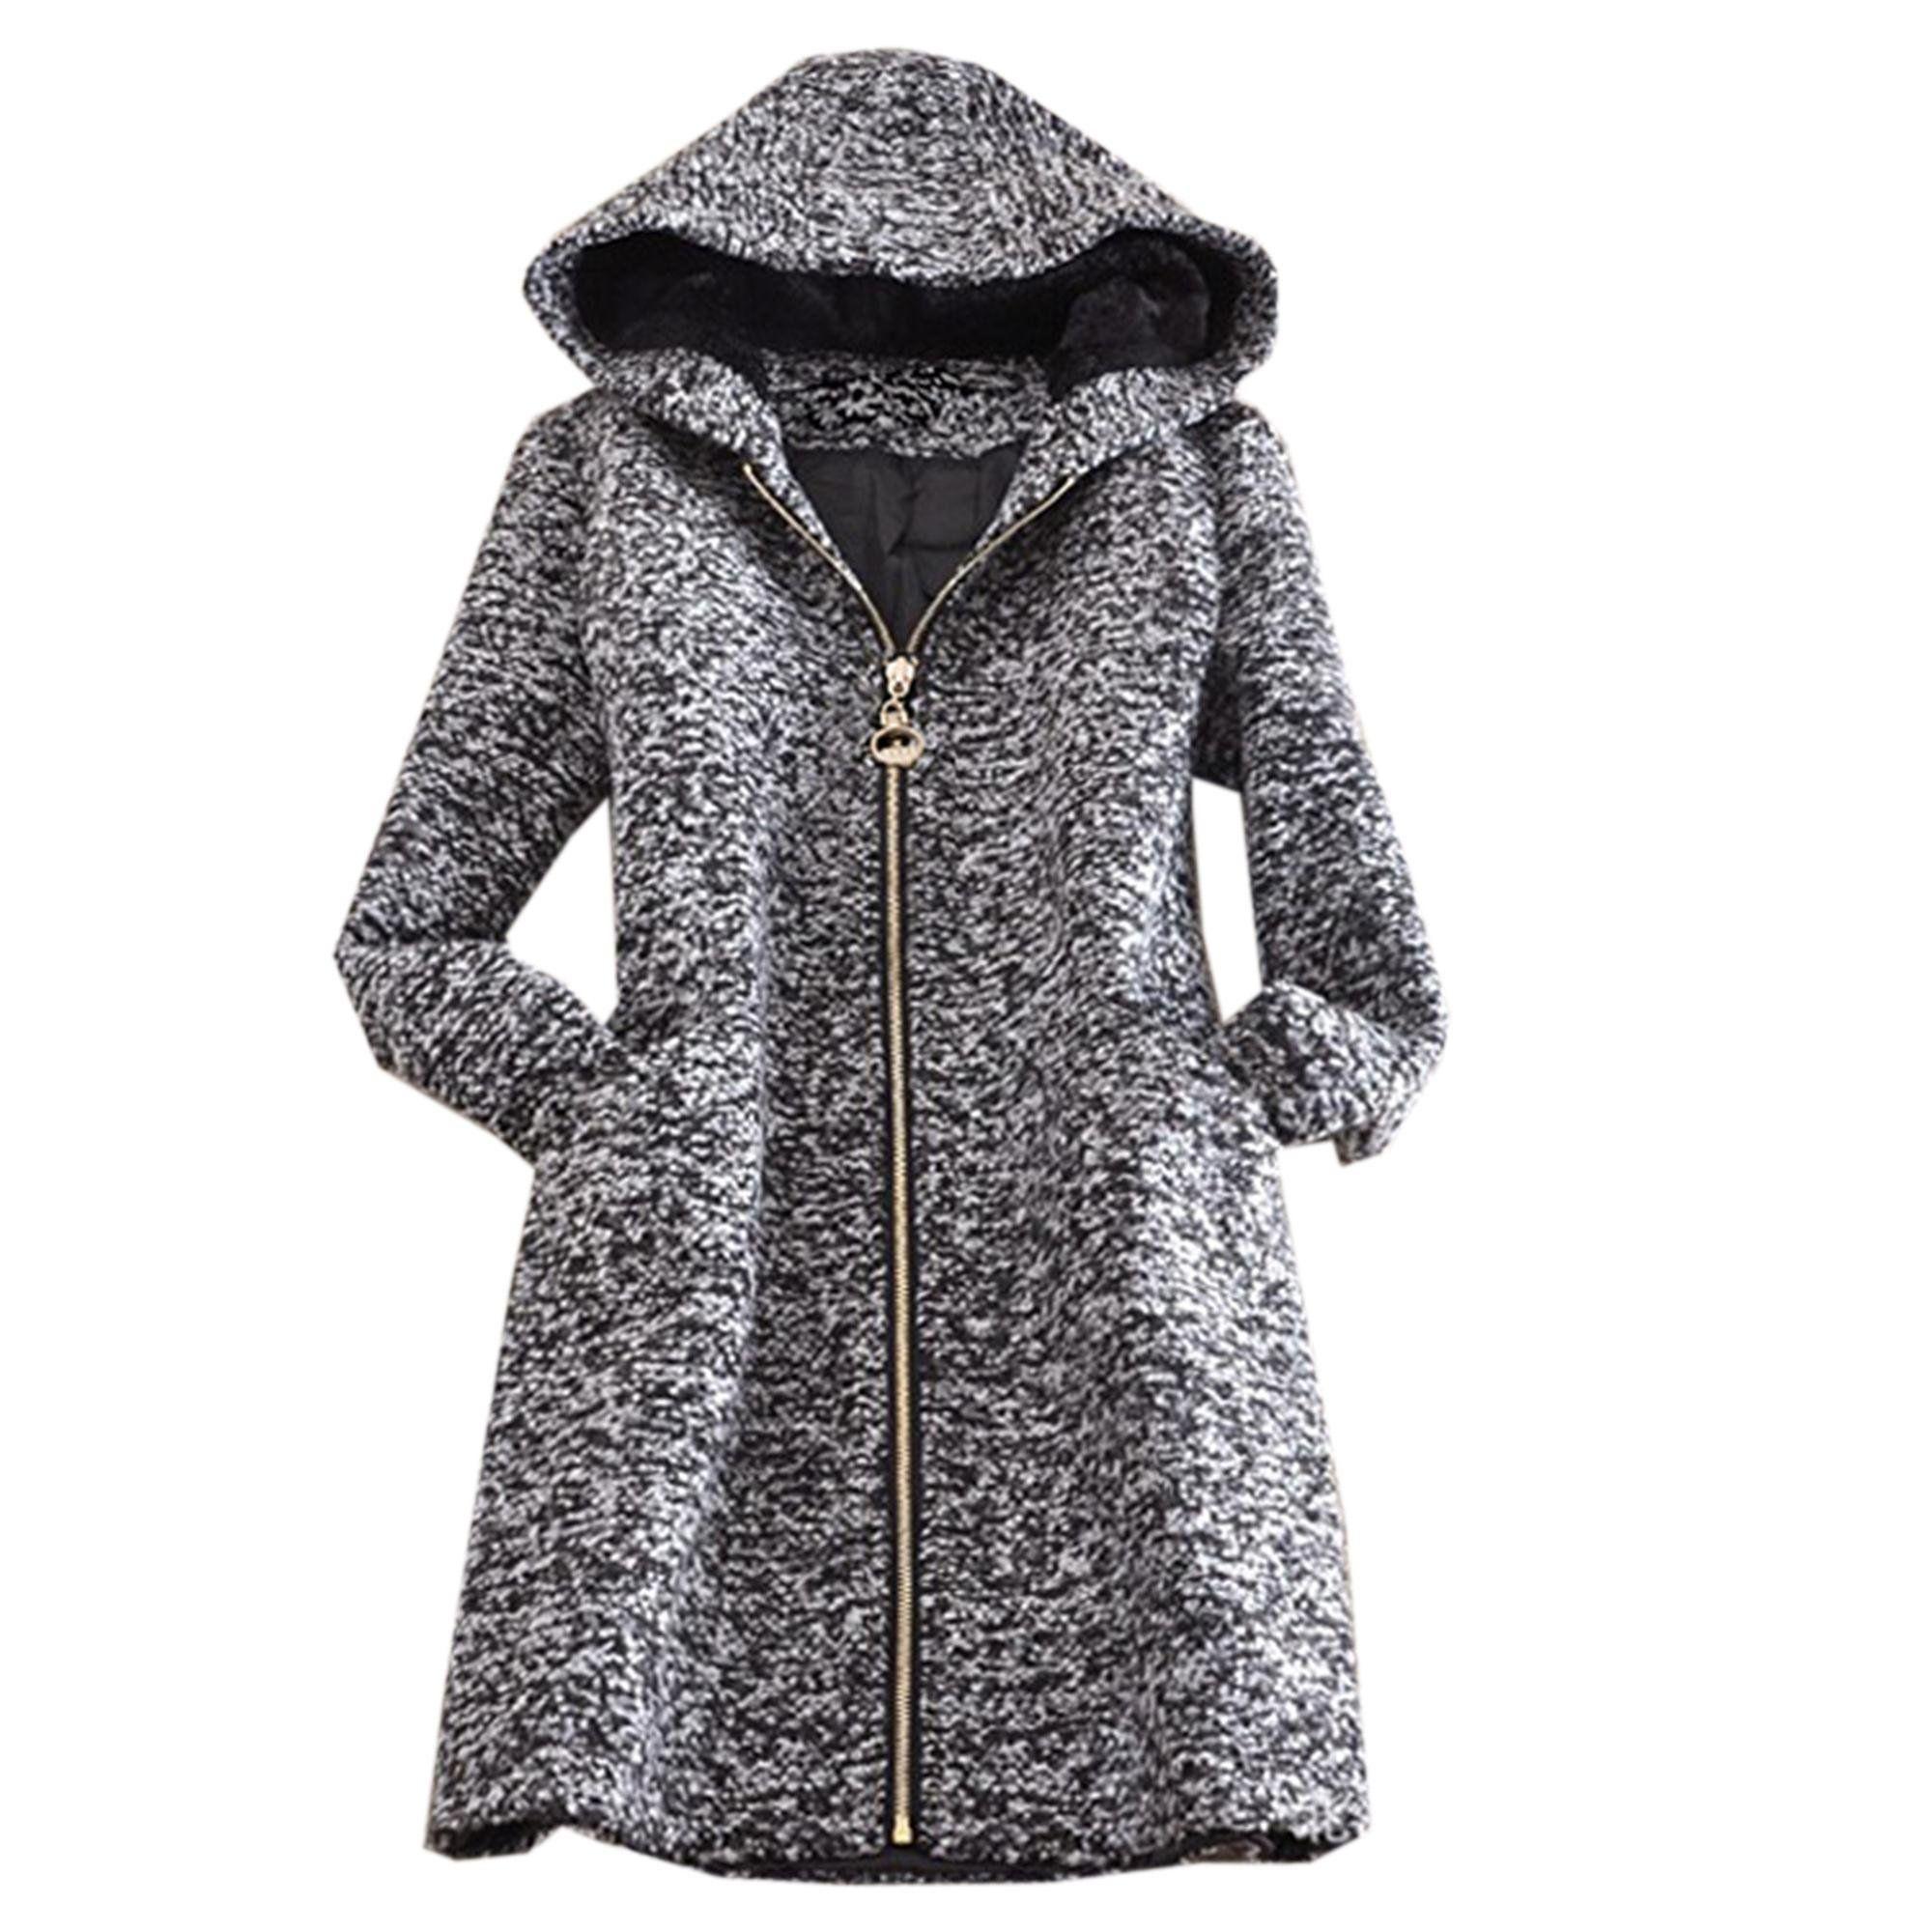 Mantel damen kaschmir